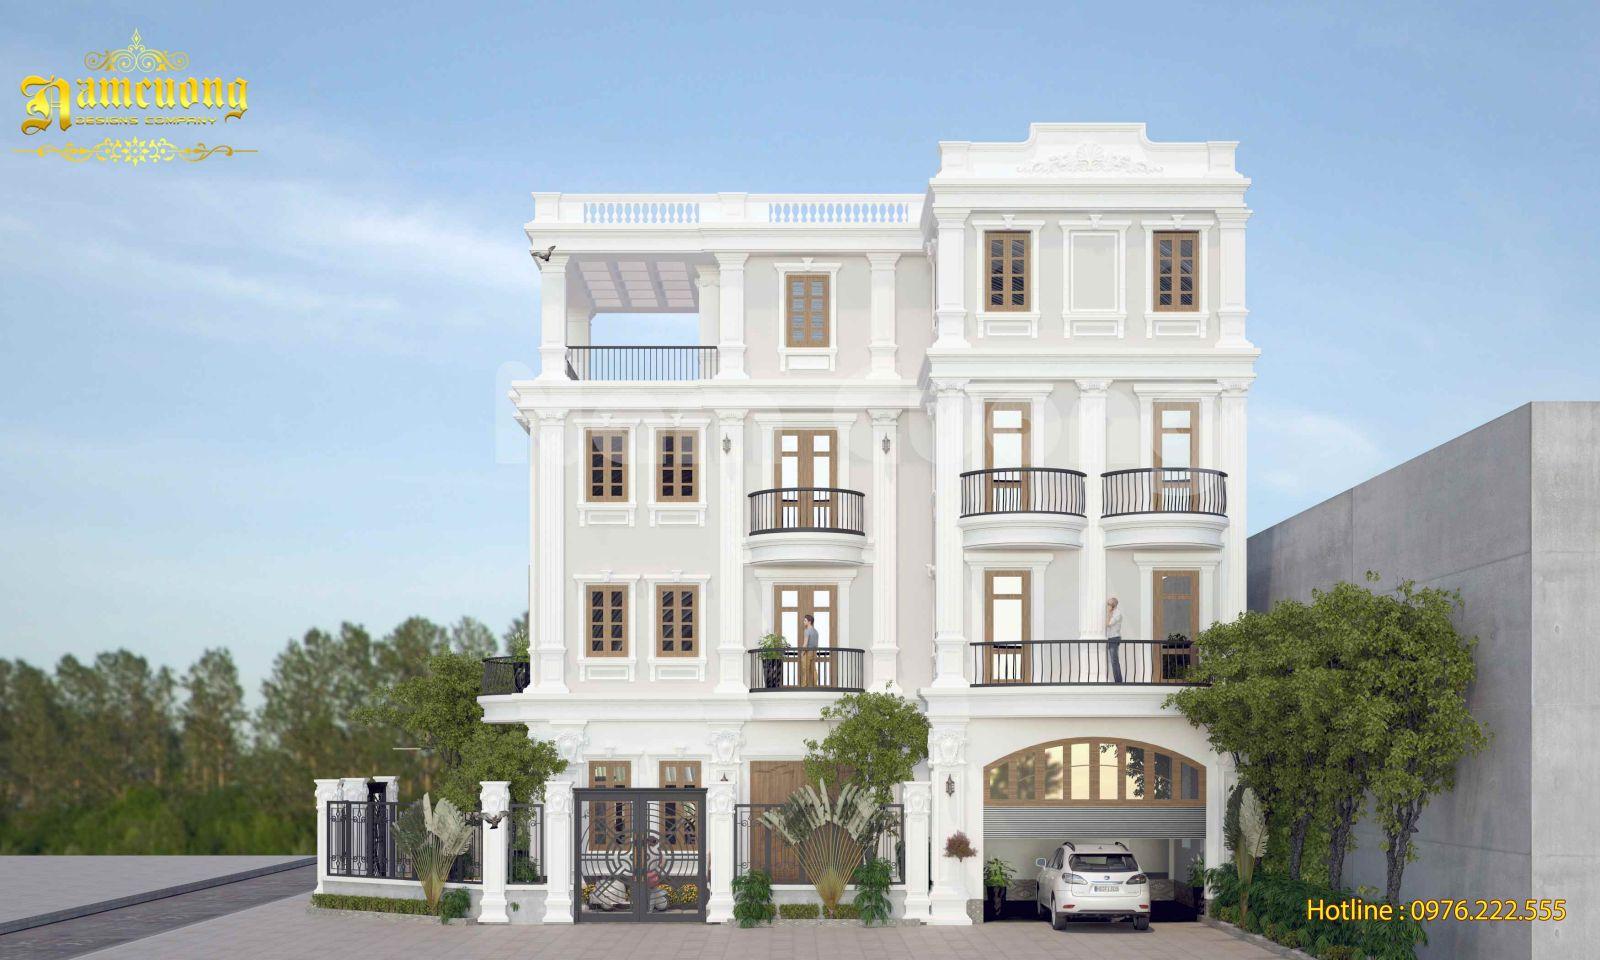 Biệt thự tân cổ điển-phong cách kiến trúc làm hài lòng mọi chủ đầu tư